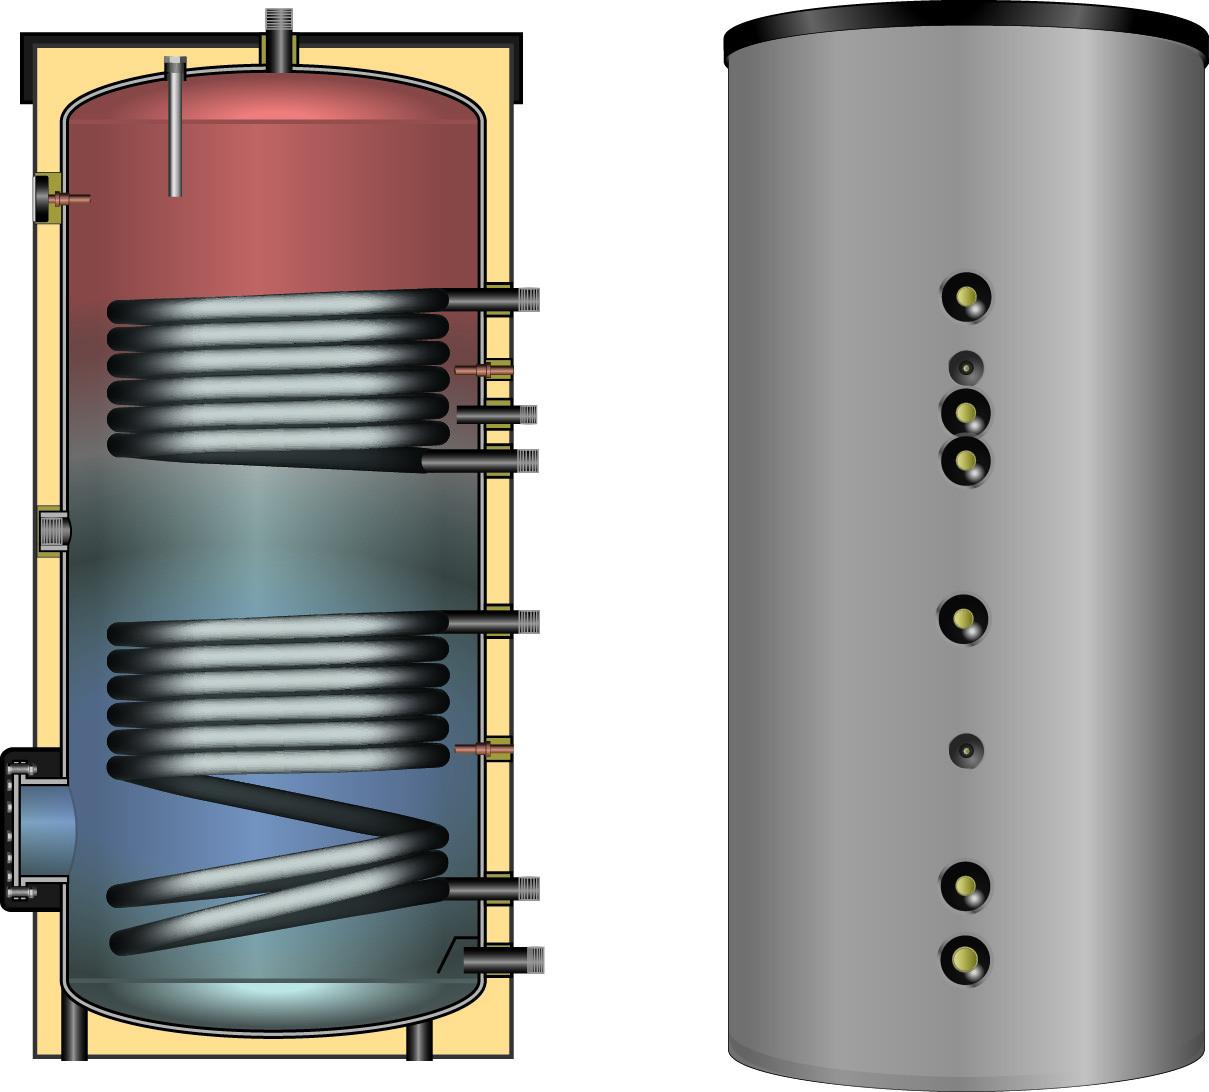 Бойлер емкостные напольные - косвенного нагрева ESS-PU 500 - фото 2